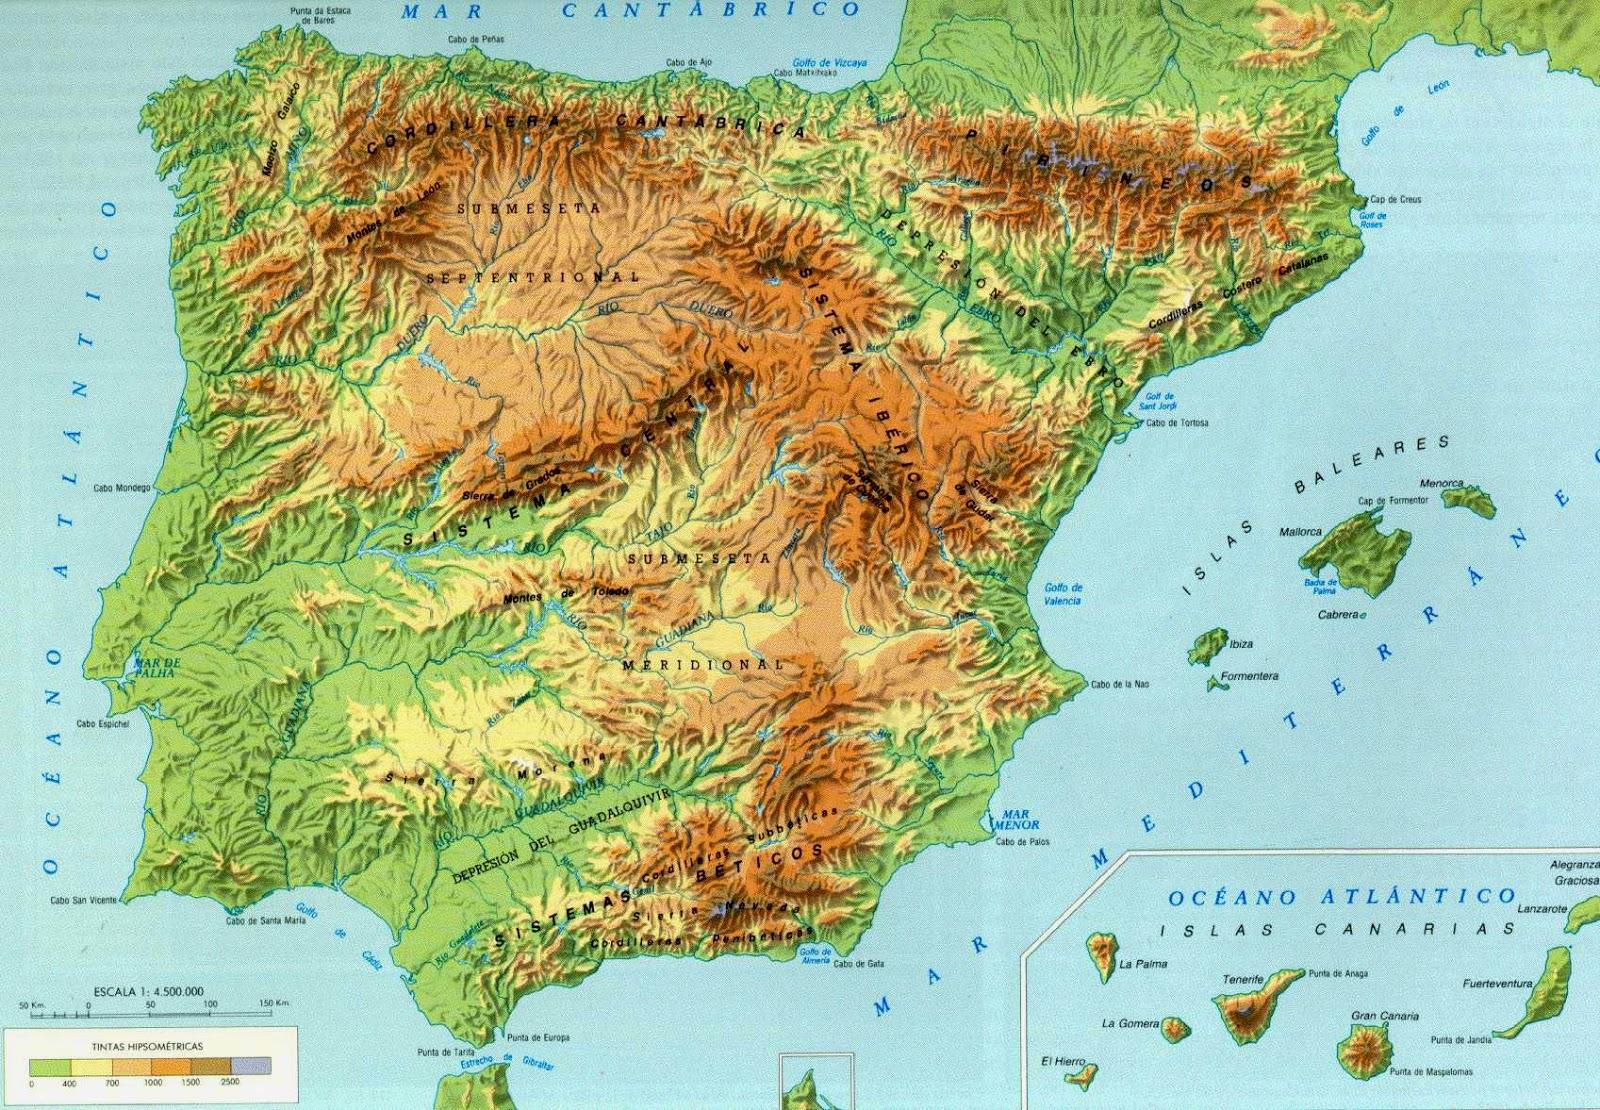 Mapa de España con relieve. Mapa topográfico de España